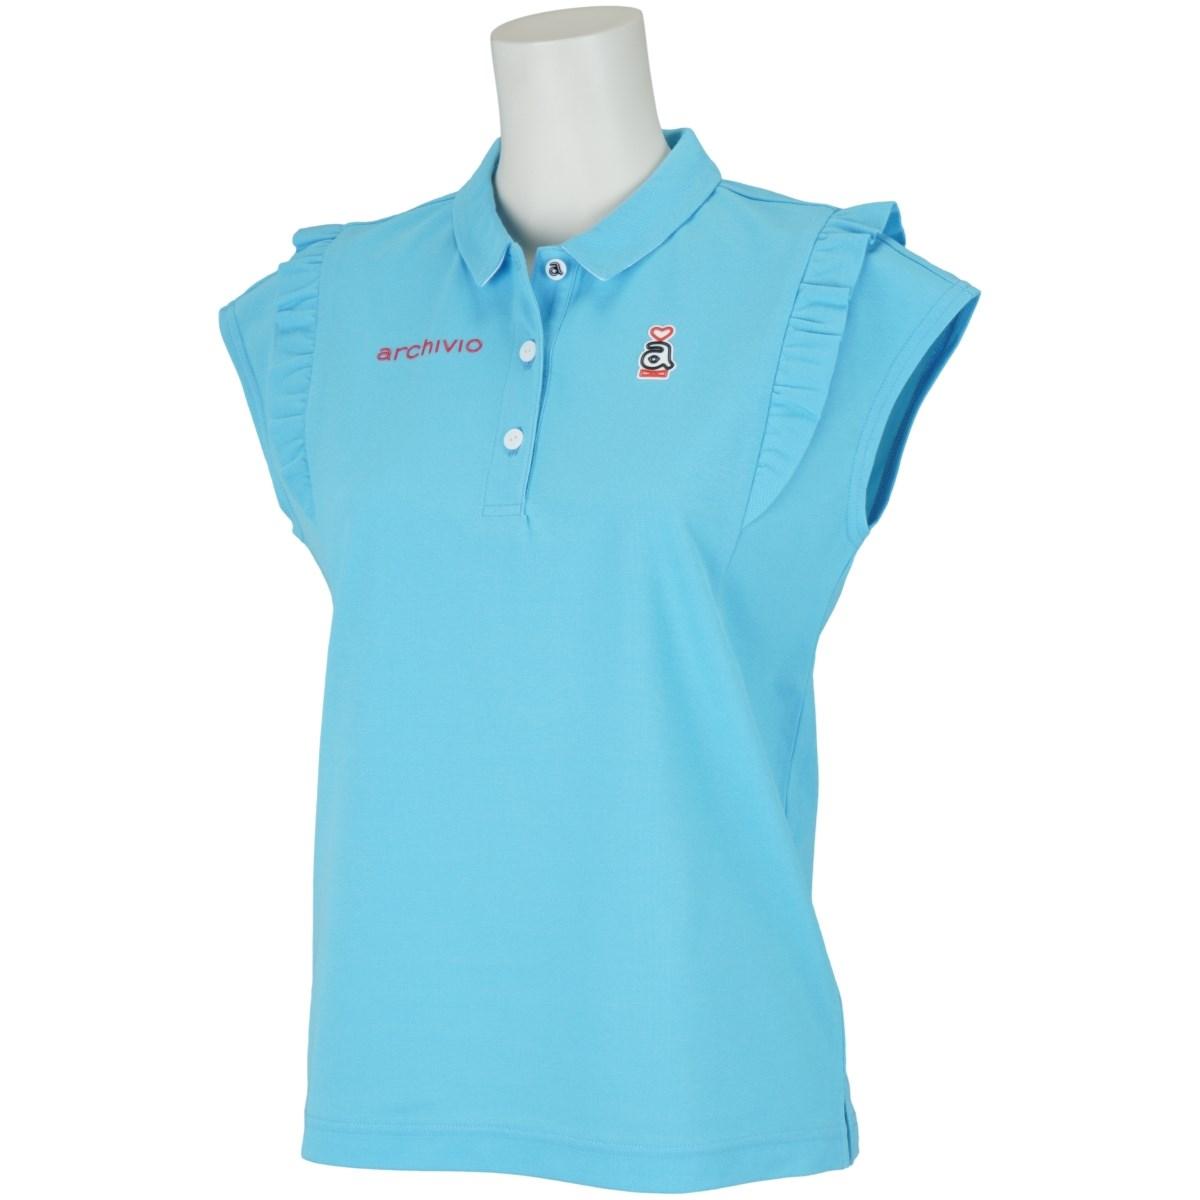 アルチビオ archivio フレンチスリーブポロシャツ 36 ブルー 069 レディス